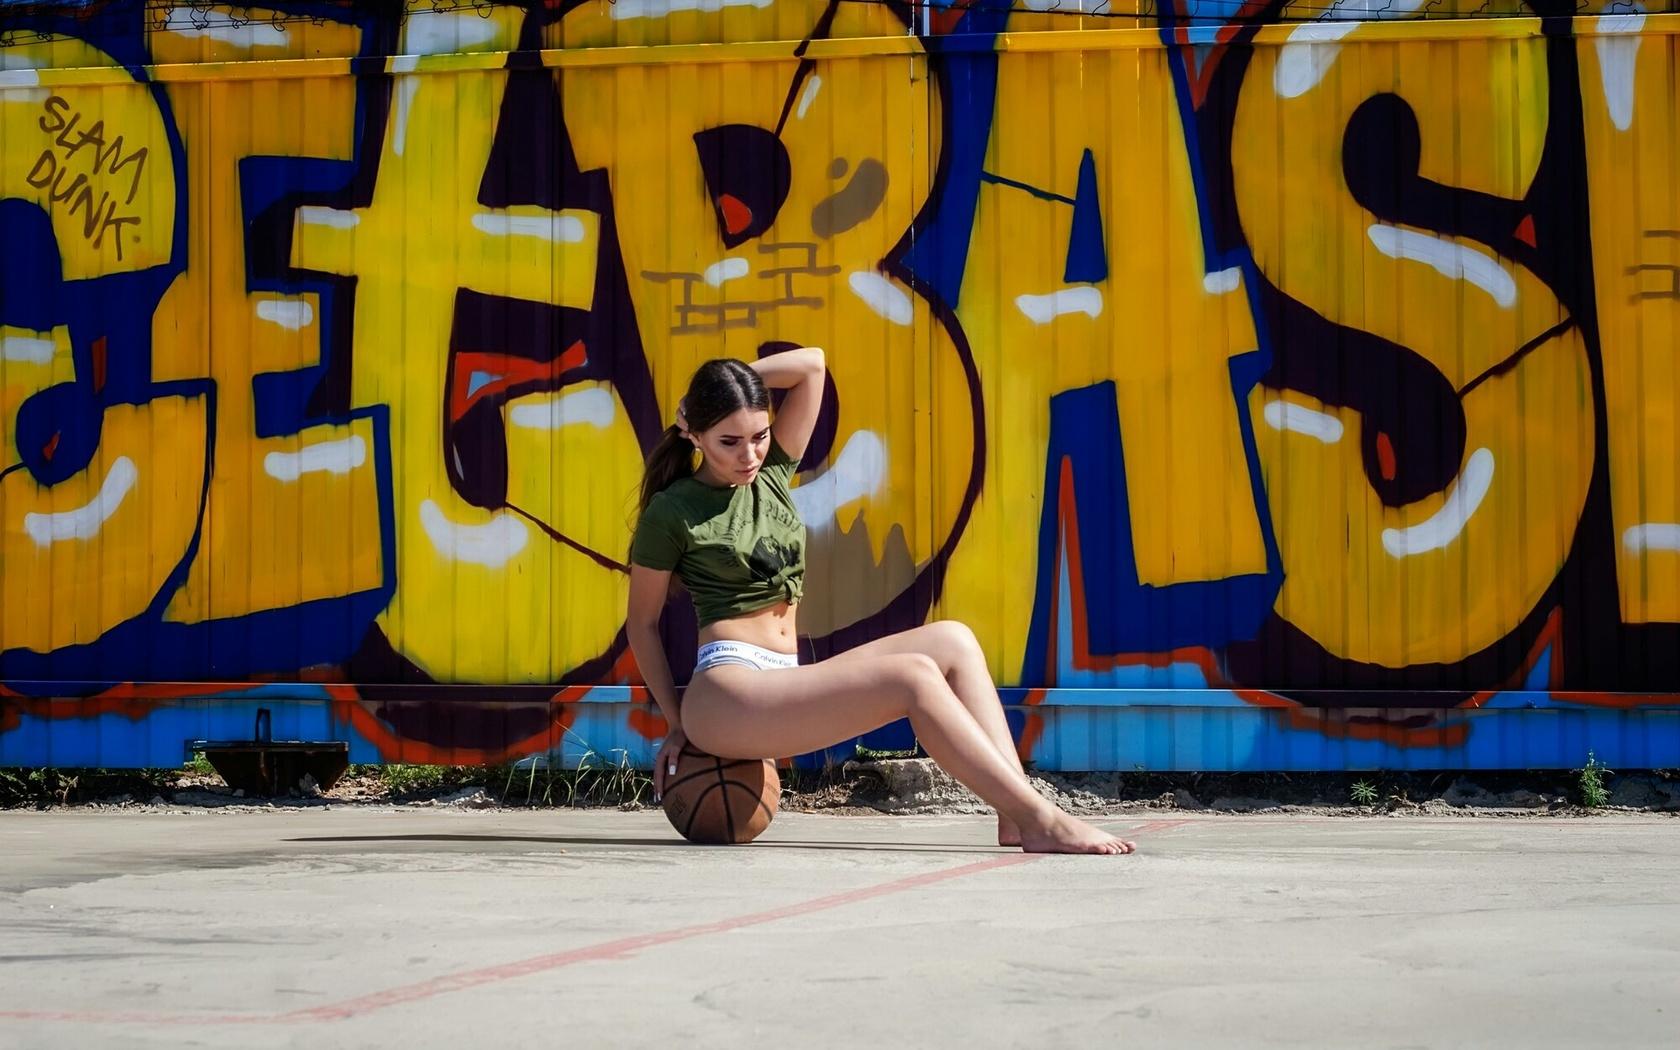 women, t-shirt, ball, sitting, calvin klein, belly, women outdoors, graffiti, brunette